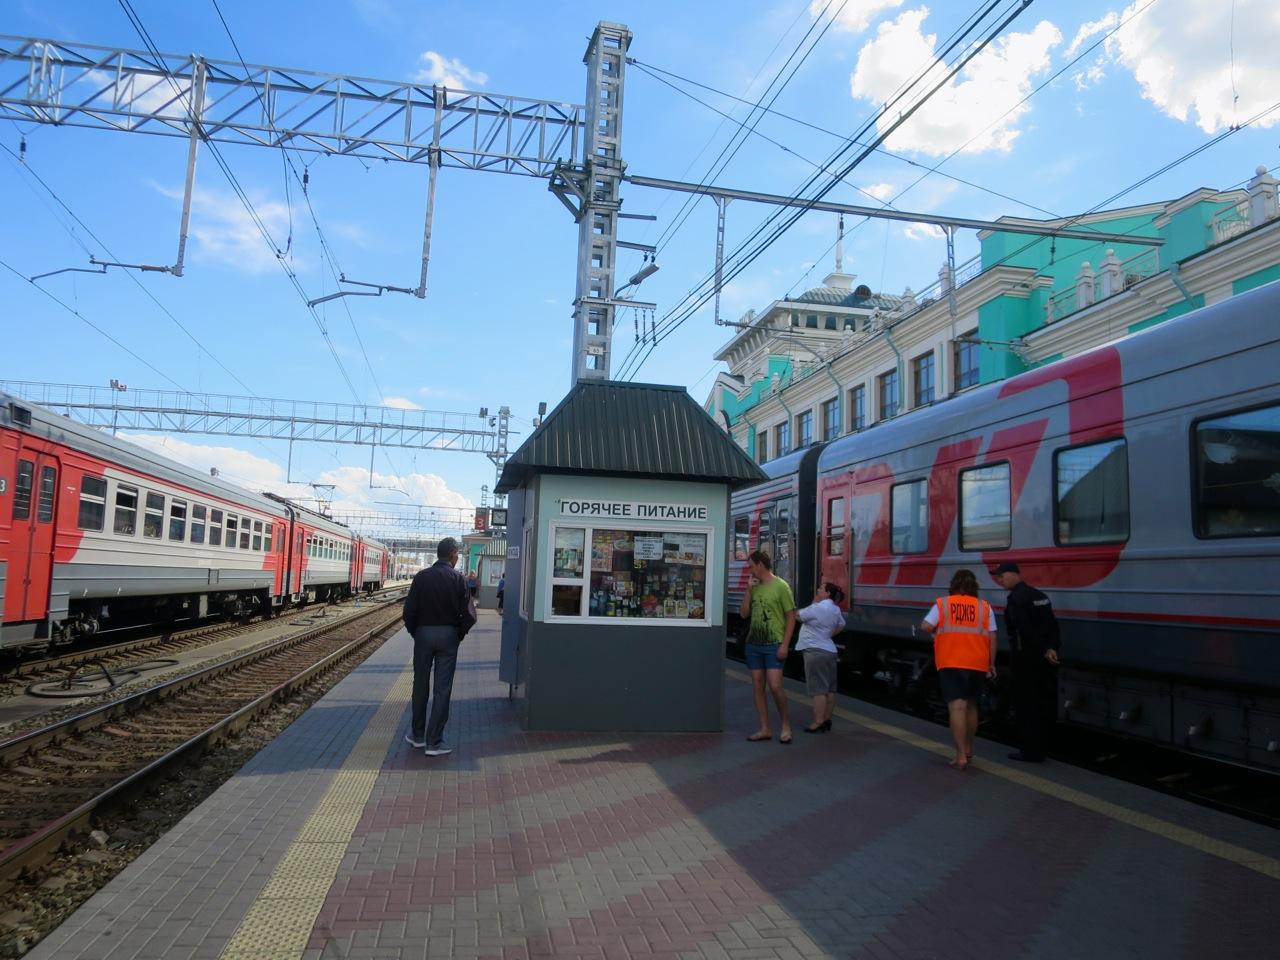 Trens na Russia 1 01